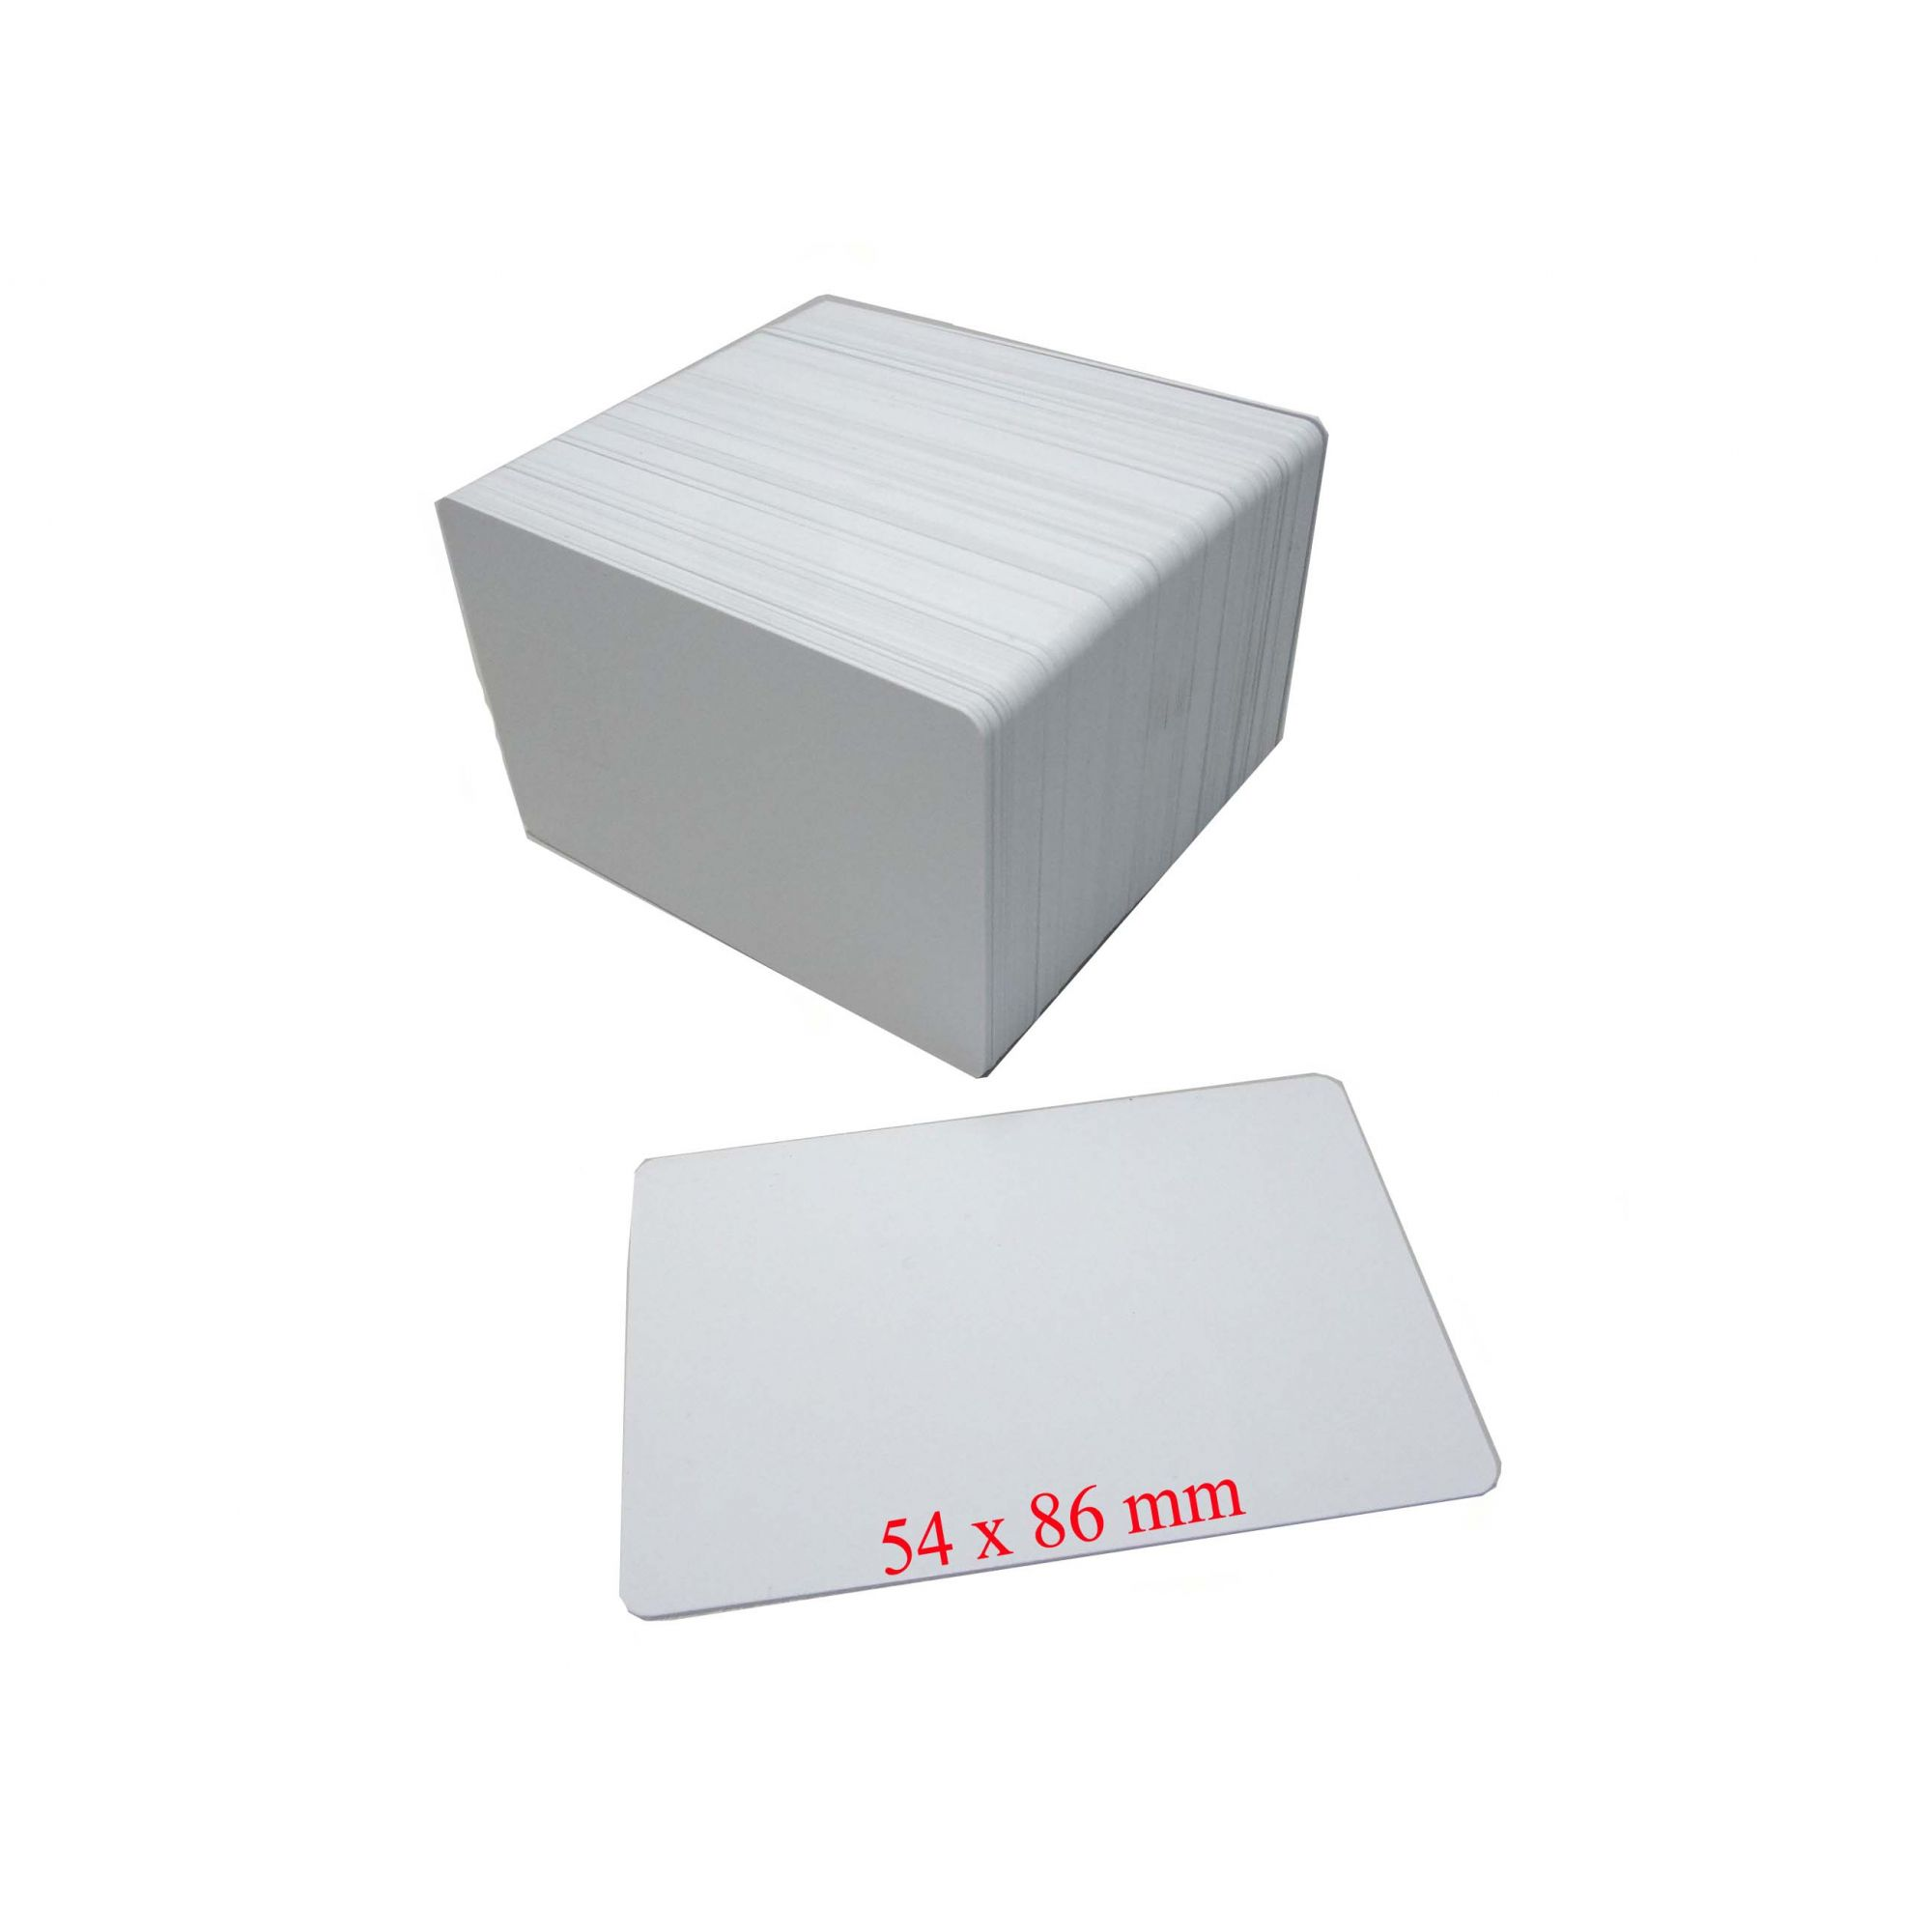 a) Cartão PVC Branco Espessura 046 Tamanho 54 X 86 mm